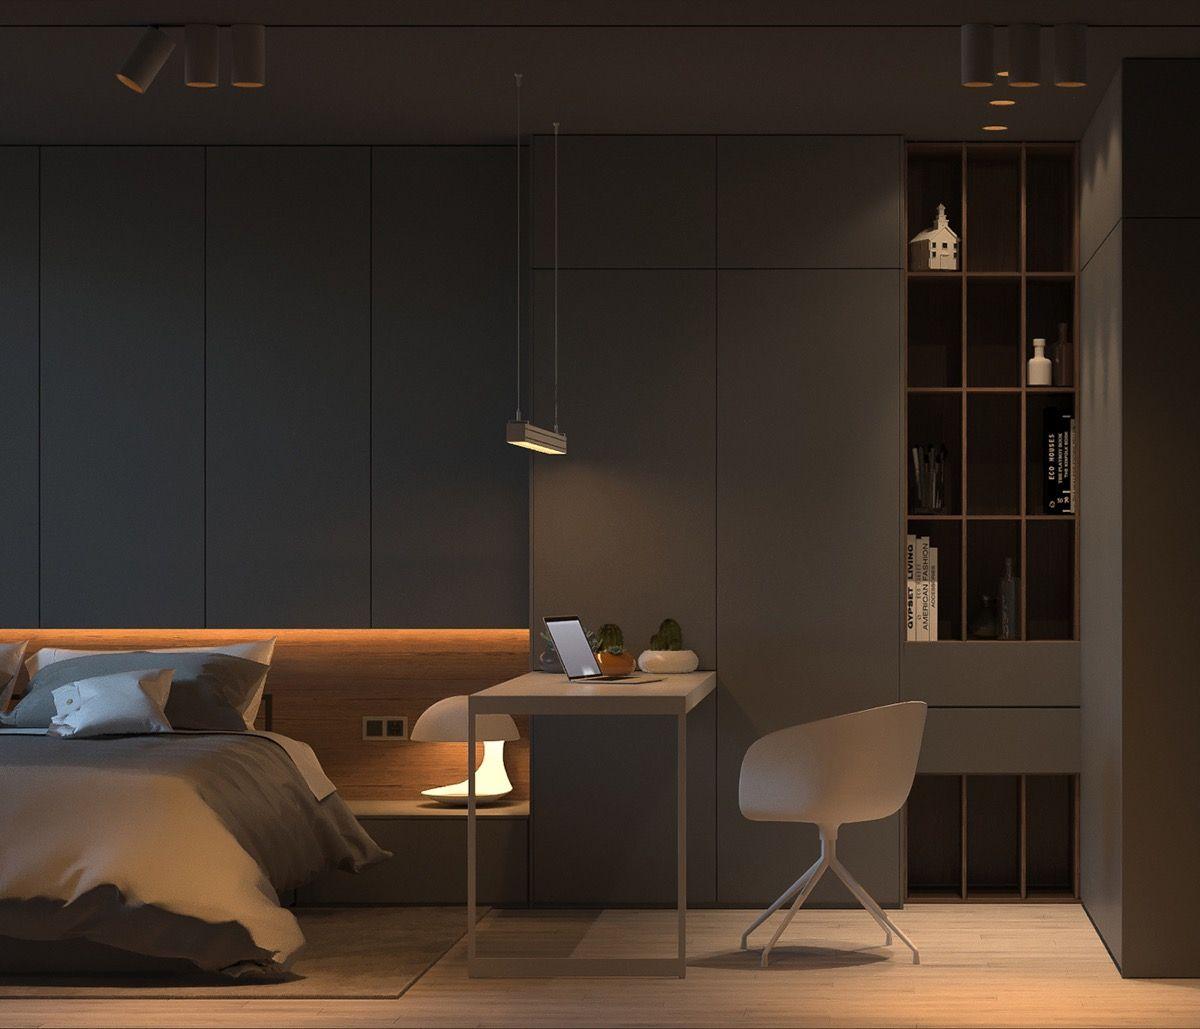 Scandinavian Bedroom Curtains Bedroom Chandeliers Menards Bedroom Athletics Mule Slippers Bedroom Colour Combination: Warm Interior Design With A Soft Lighting Scheme